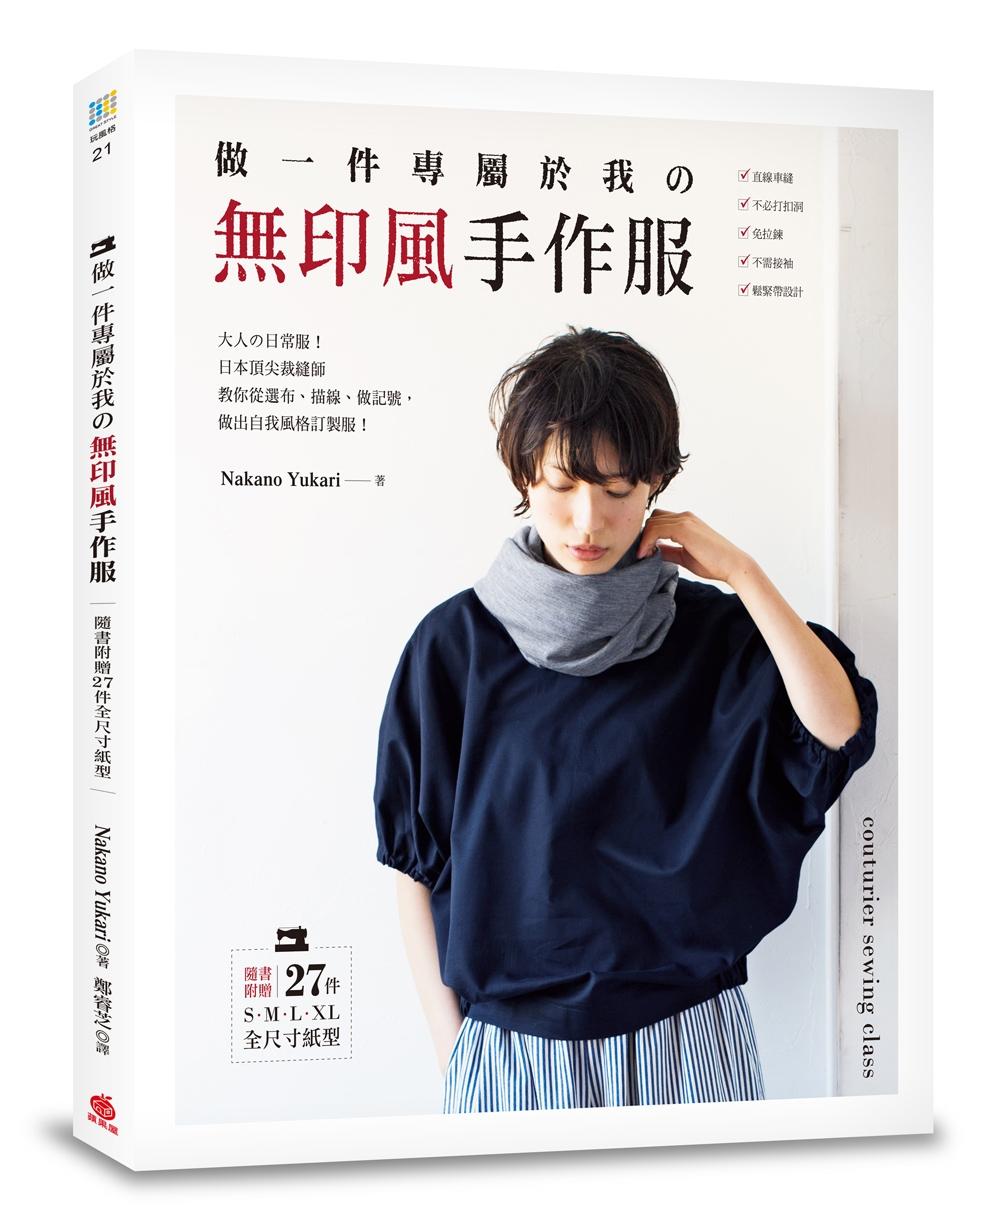 做一件專屬於我�無印風手作服:大人�日常服!日本頂尖裁縫師教你從選布、描線、做記號,做出自我風格訂製服【隨書附贈27件全尺寸紙型】